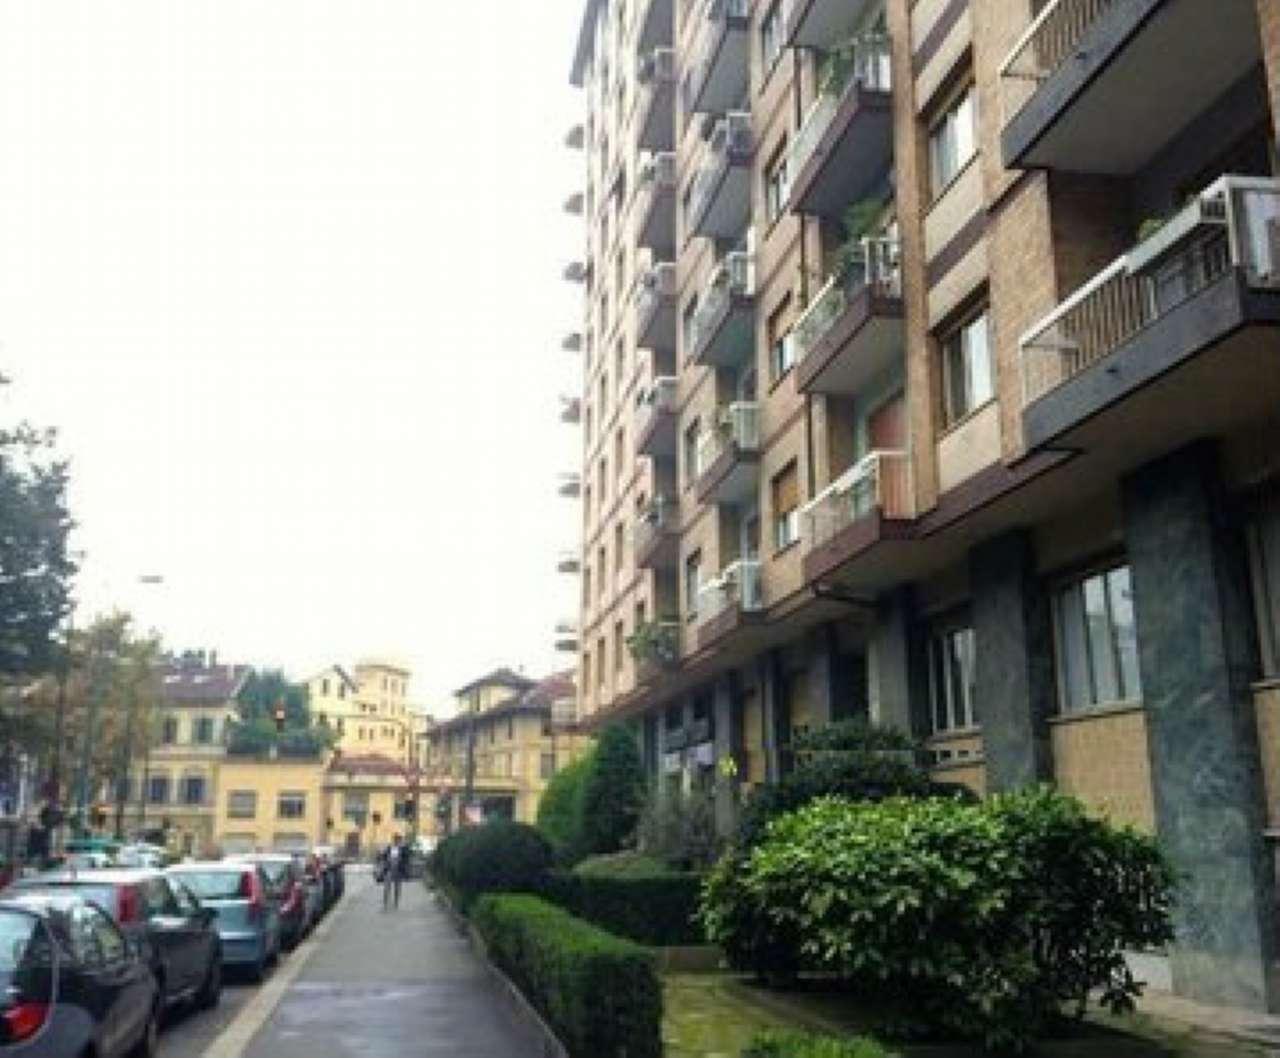 Magazzino/Laboratorio in vendita Zona Cit Turin, San Donato, Campidoglio - corso Appio Claudio Torino